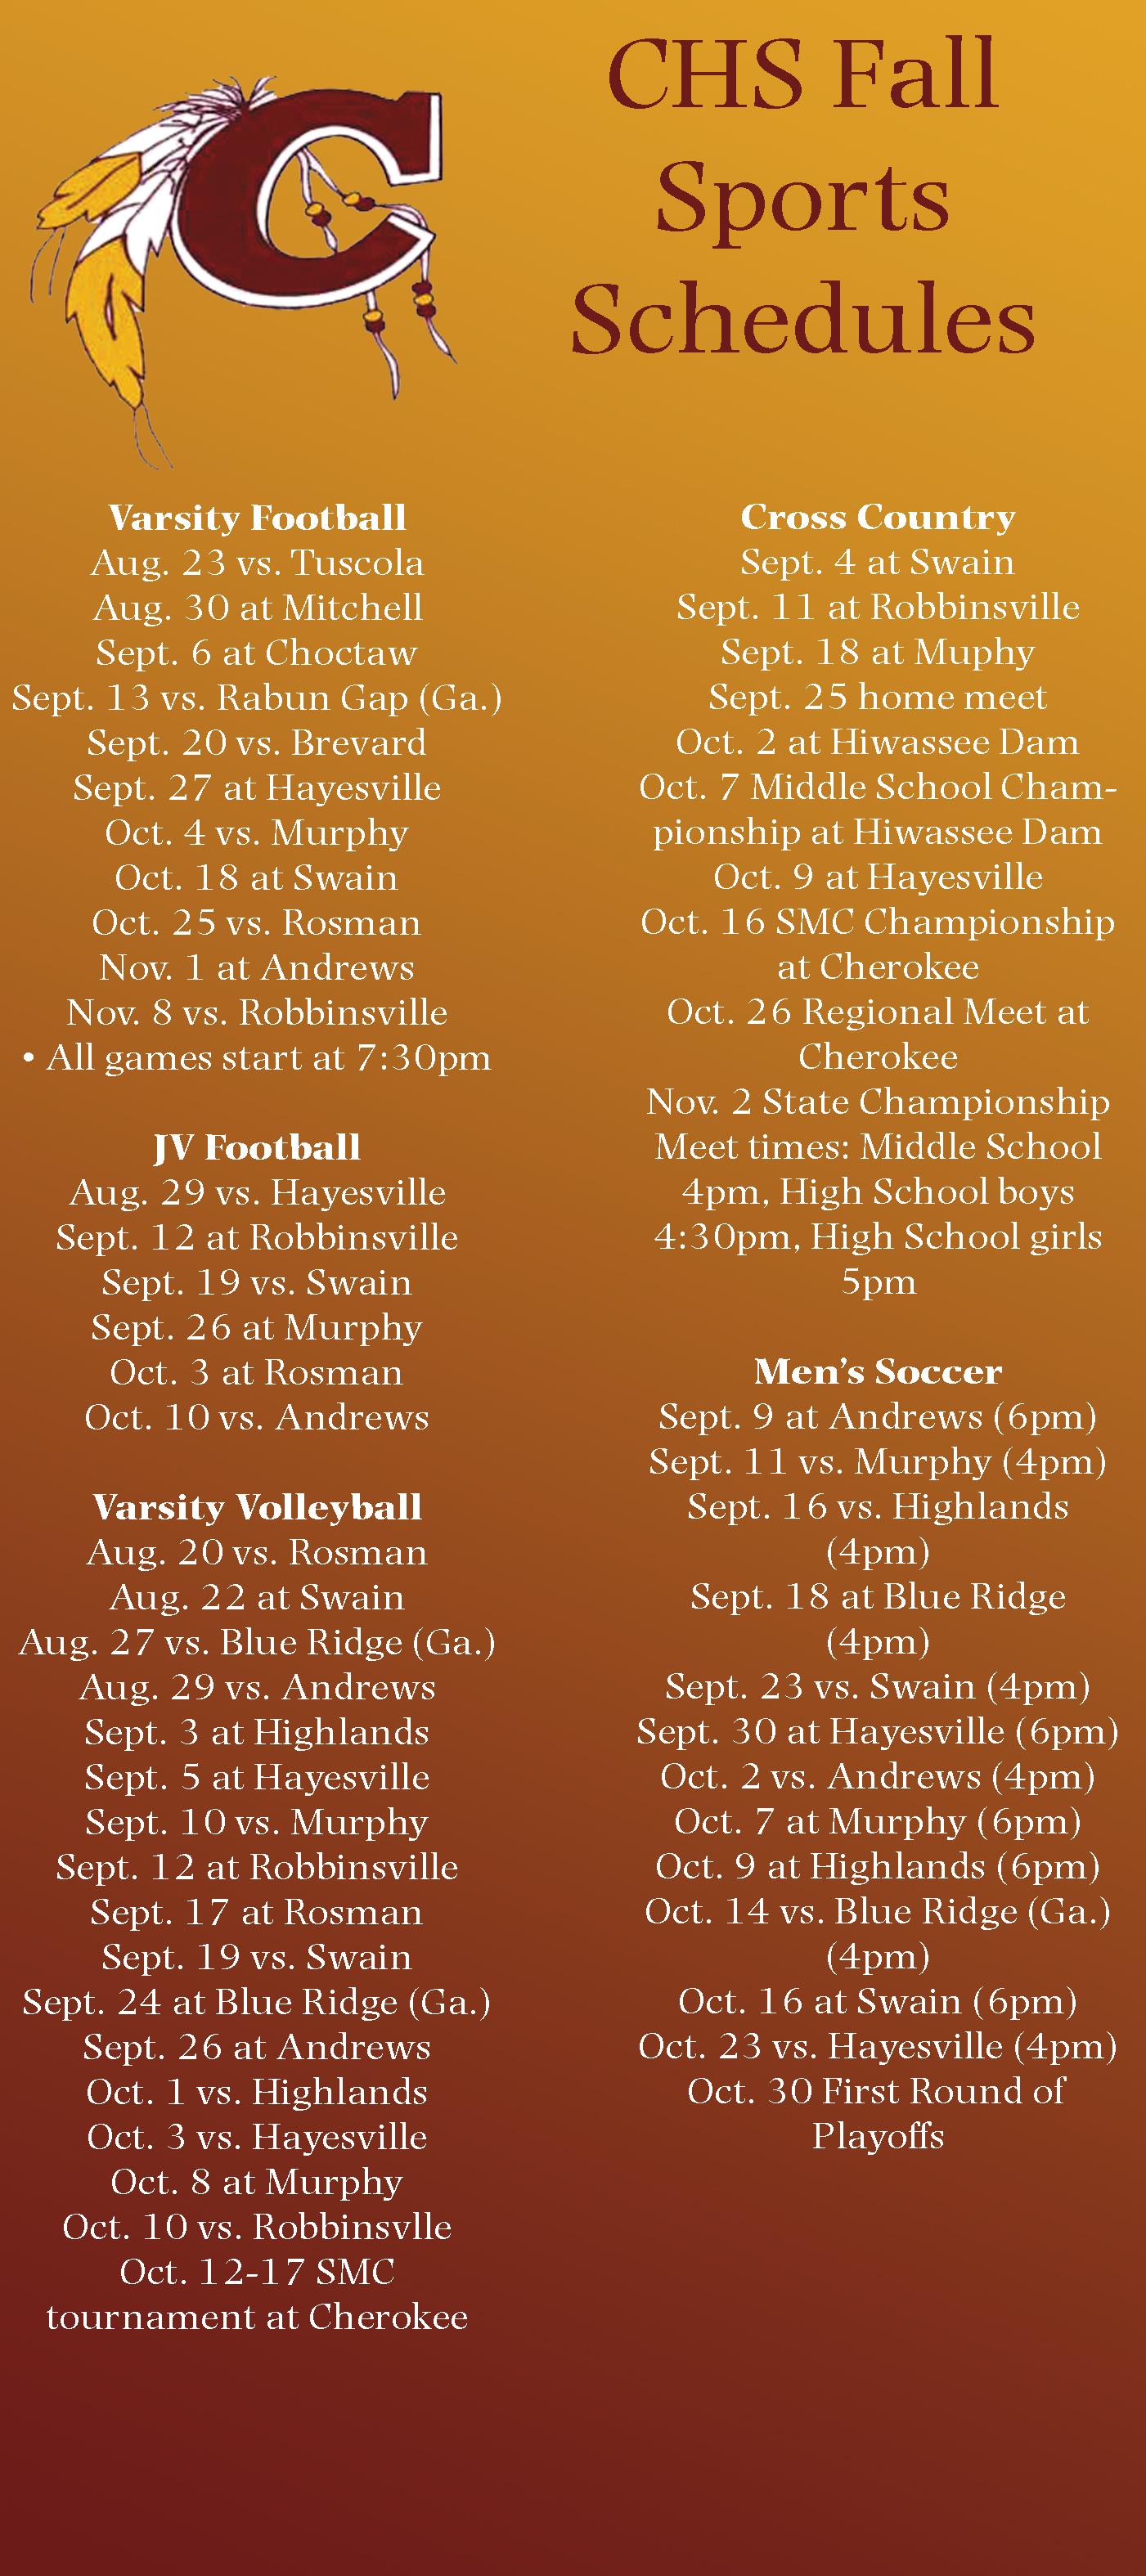 CHS sports schedules